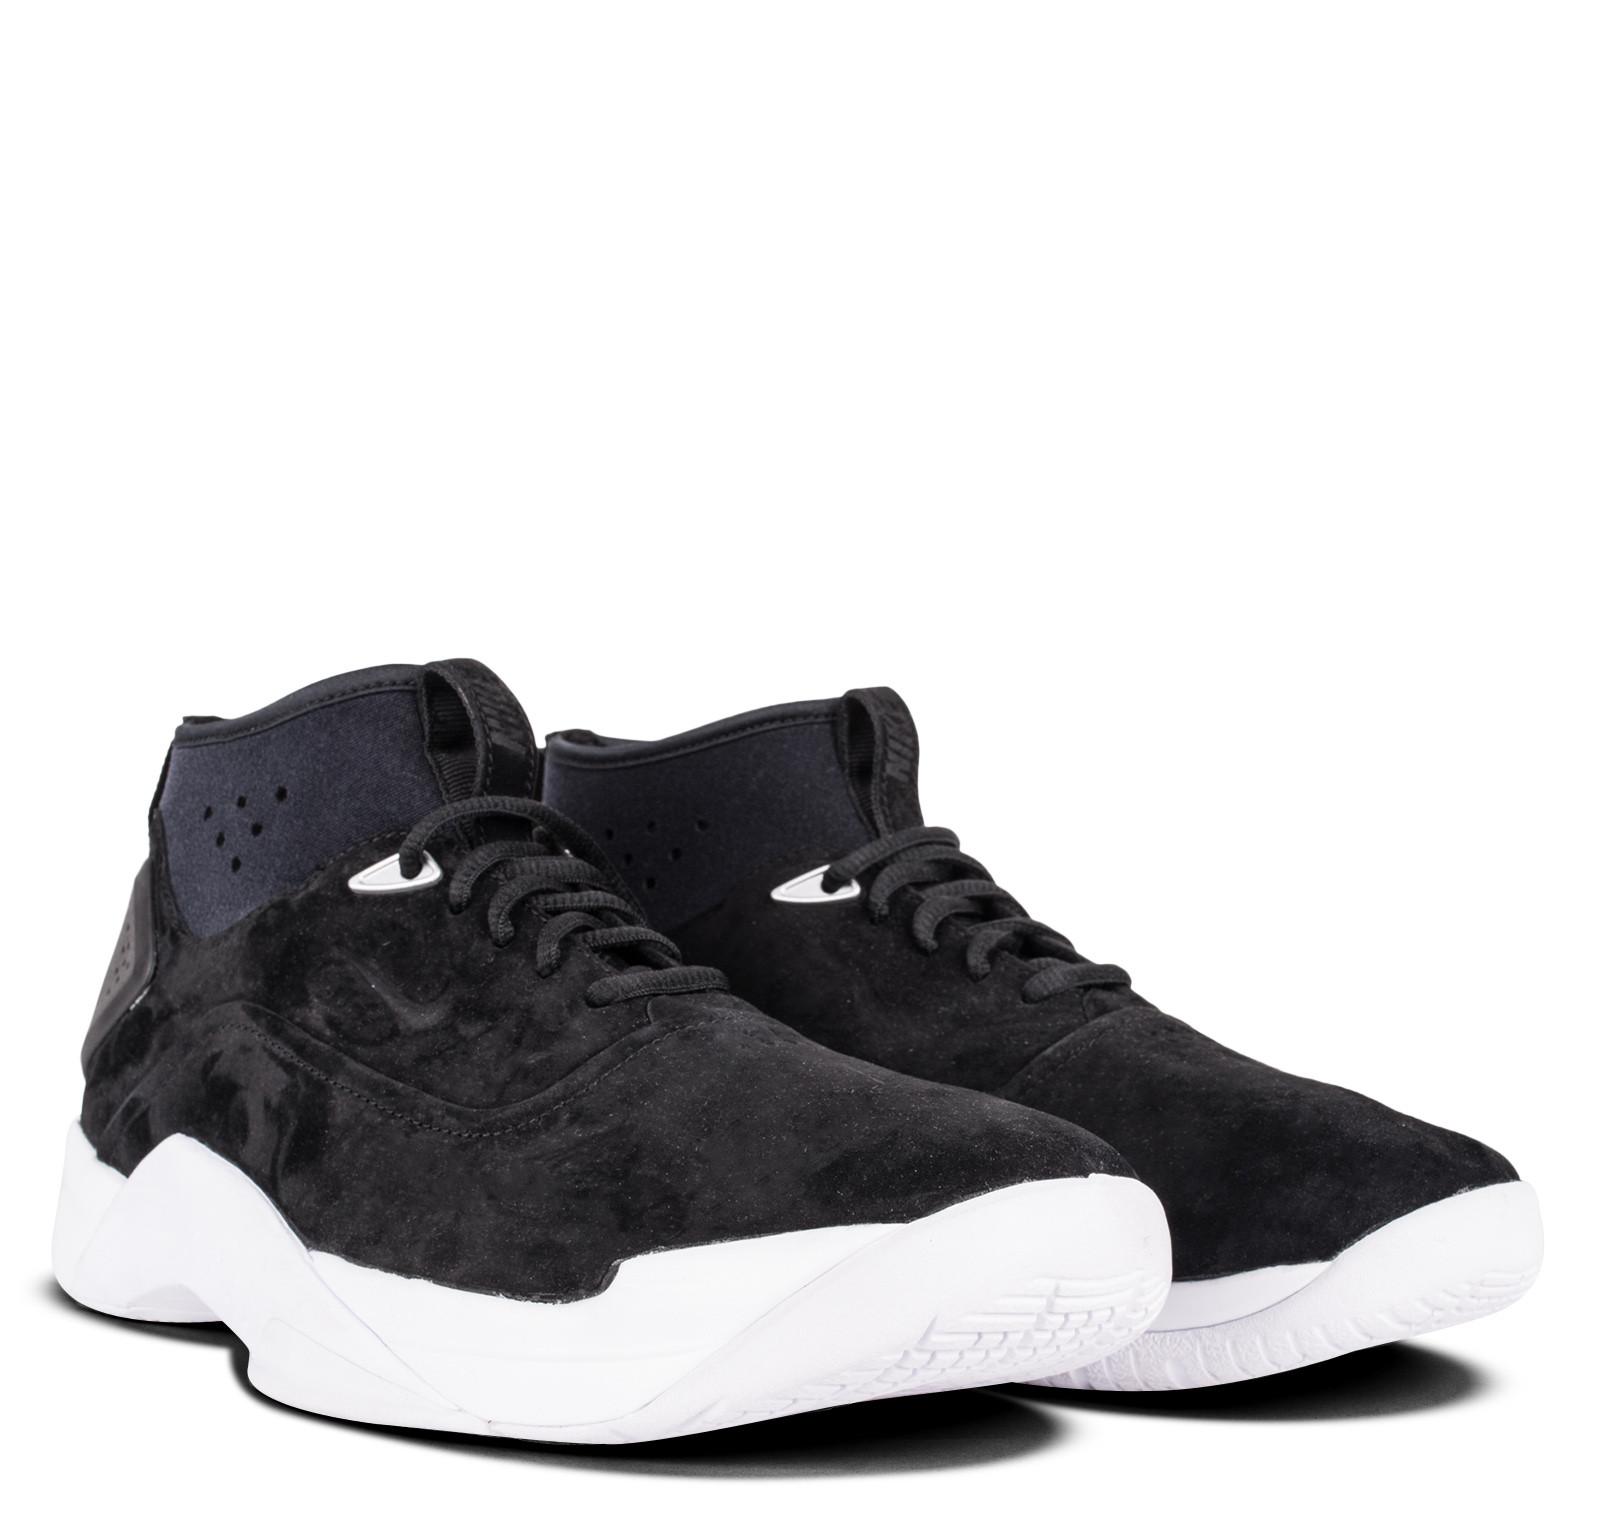 Nike Hyperdunk Lux low – Full